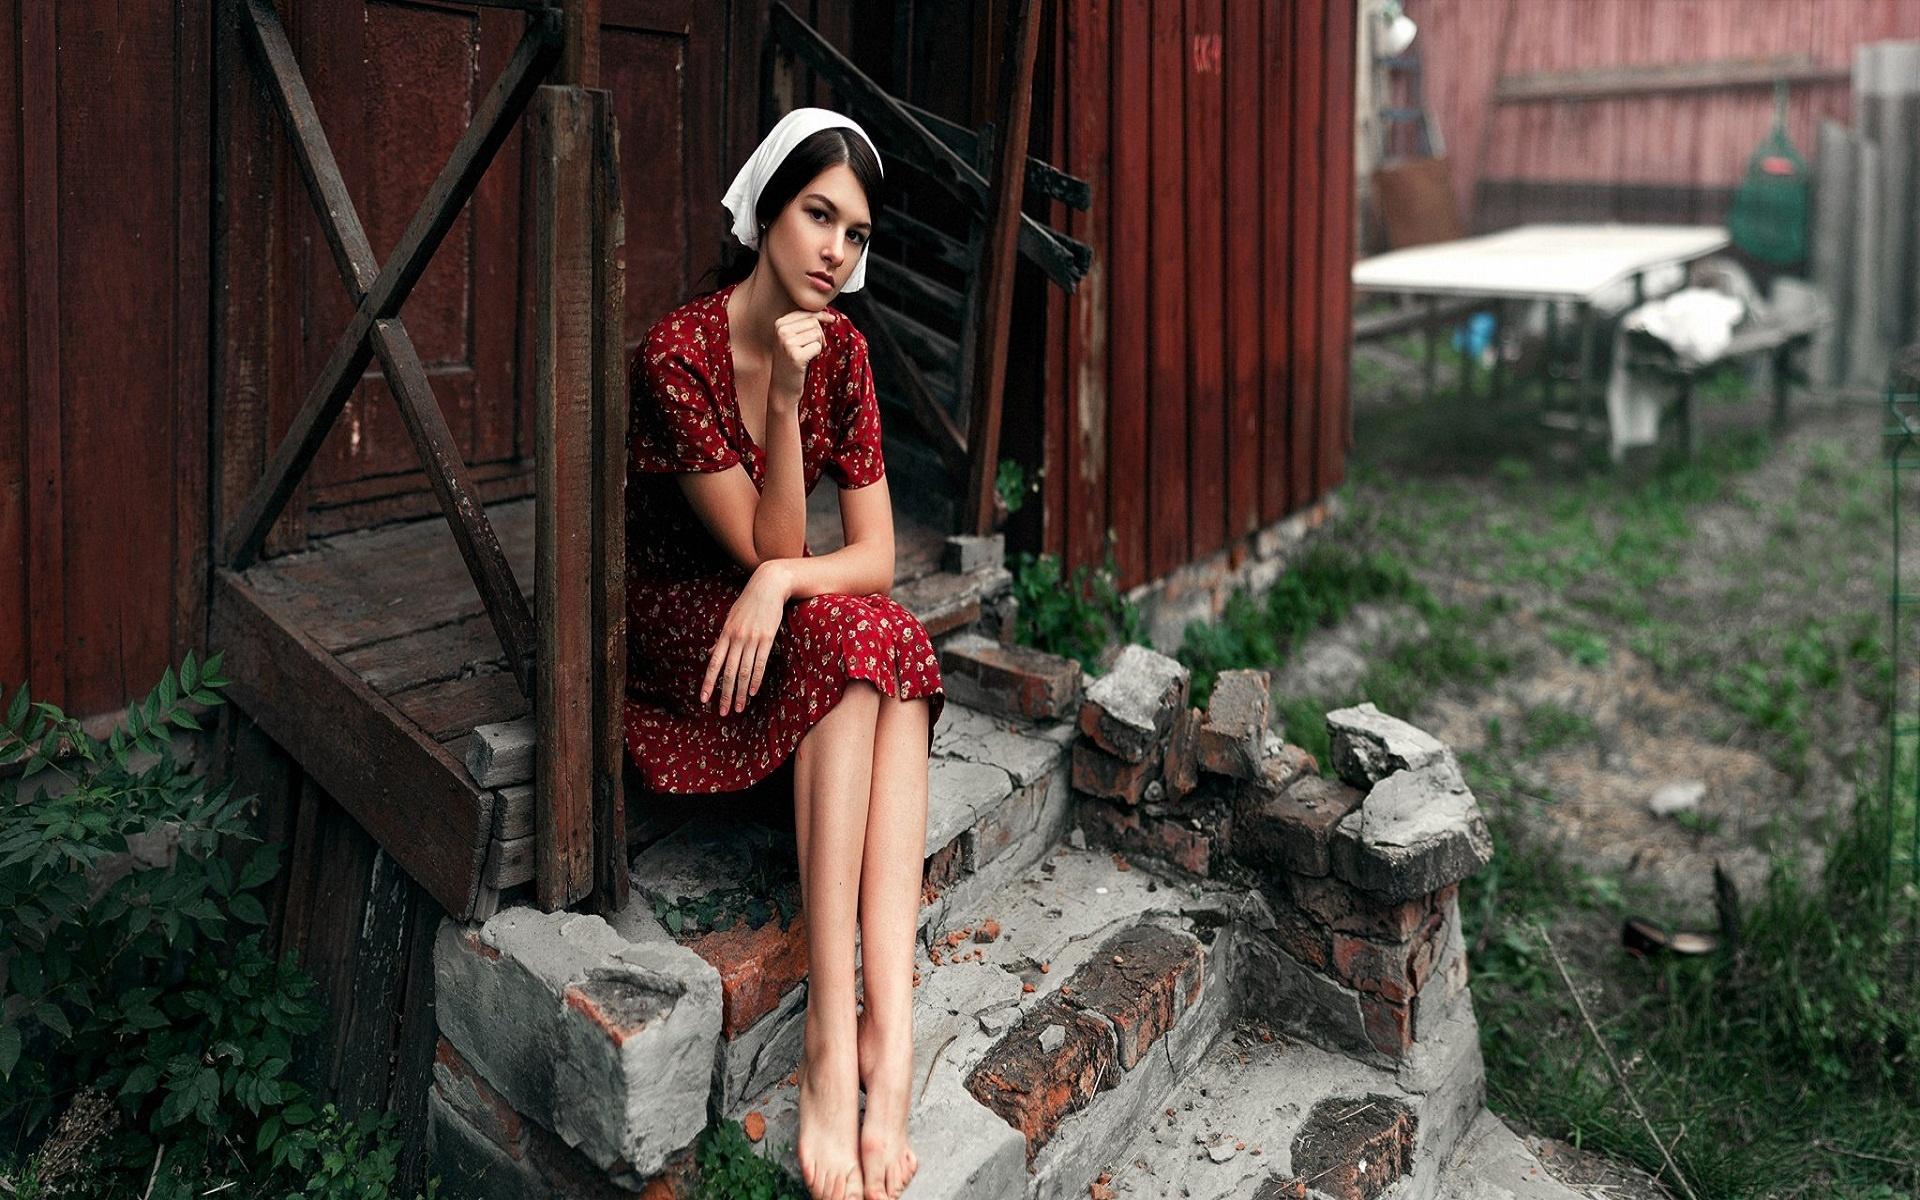 Картинка девушка возле домашних